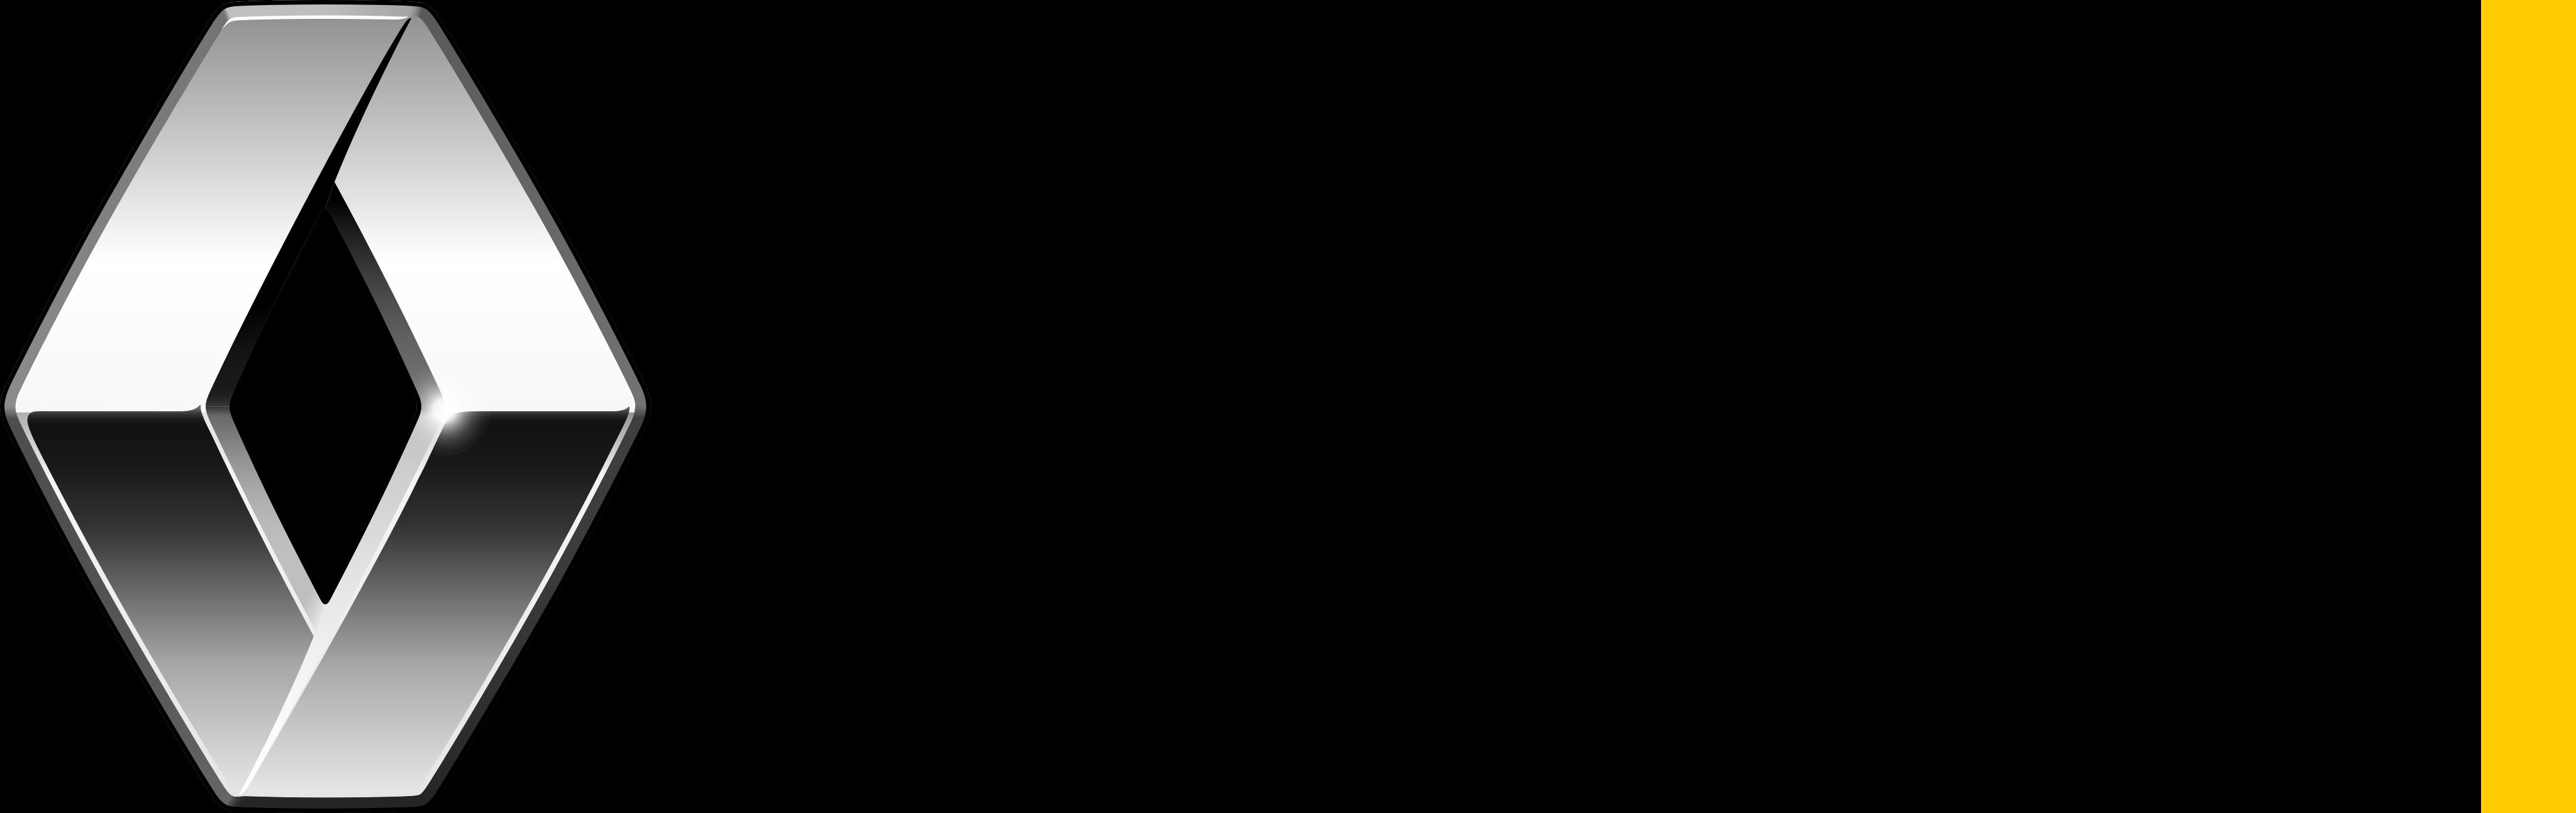 renault logo 4 1 - Renault Logo